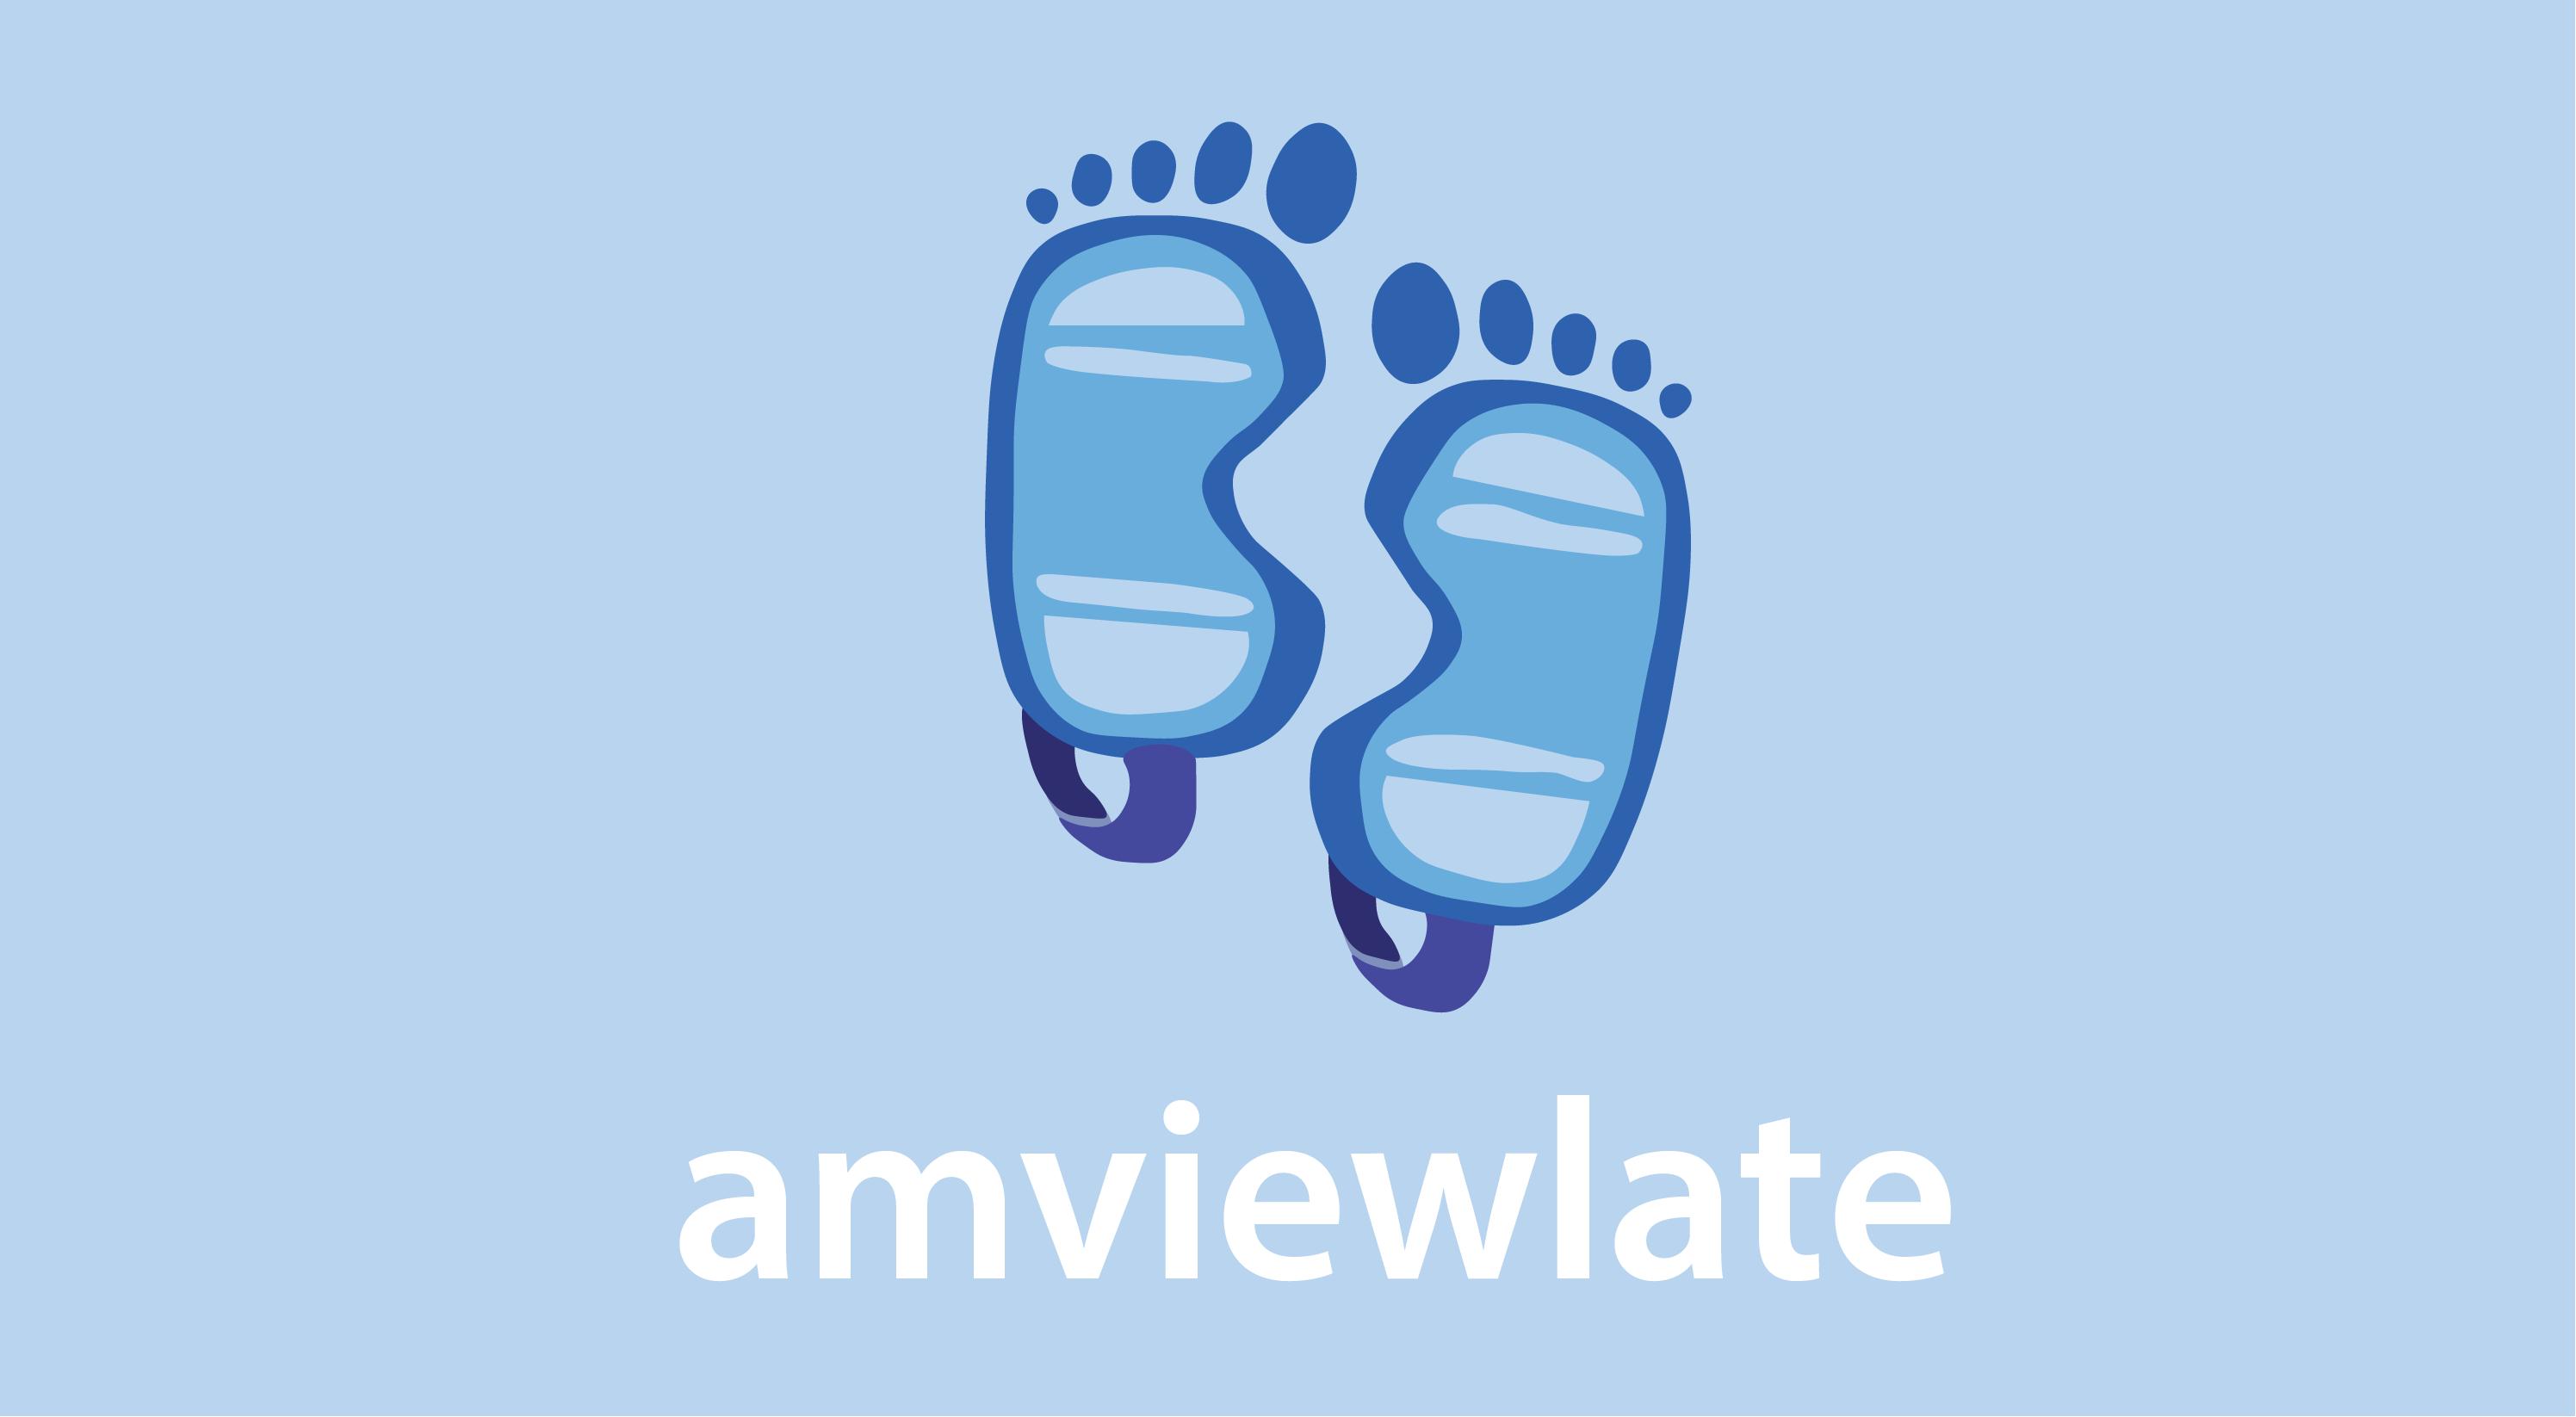 Amviewlate